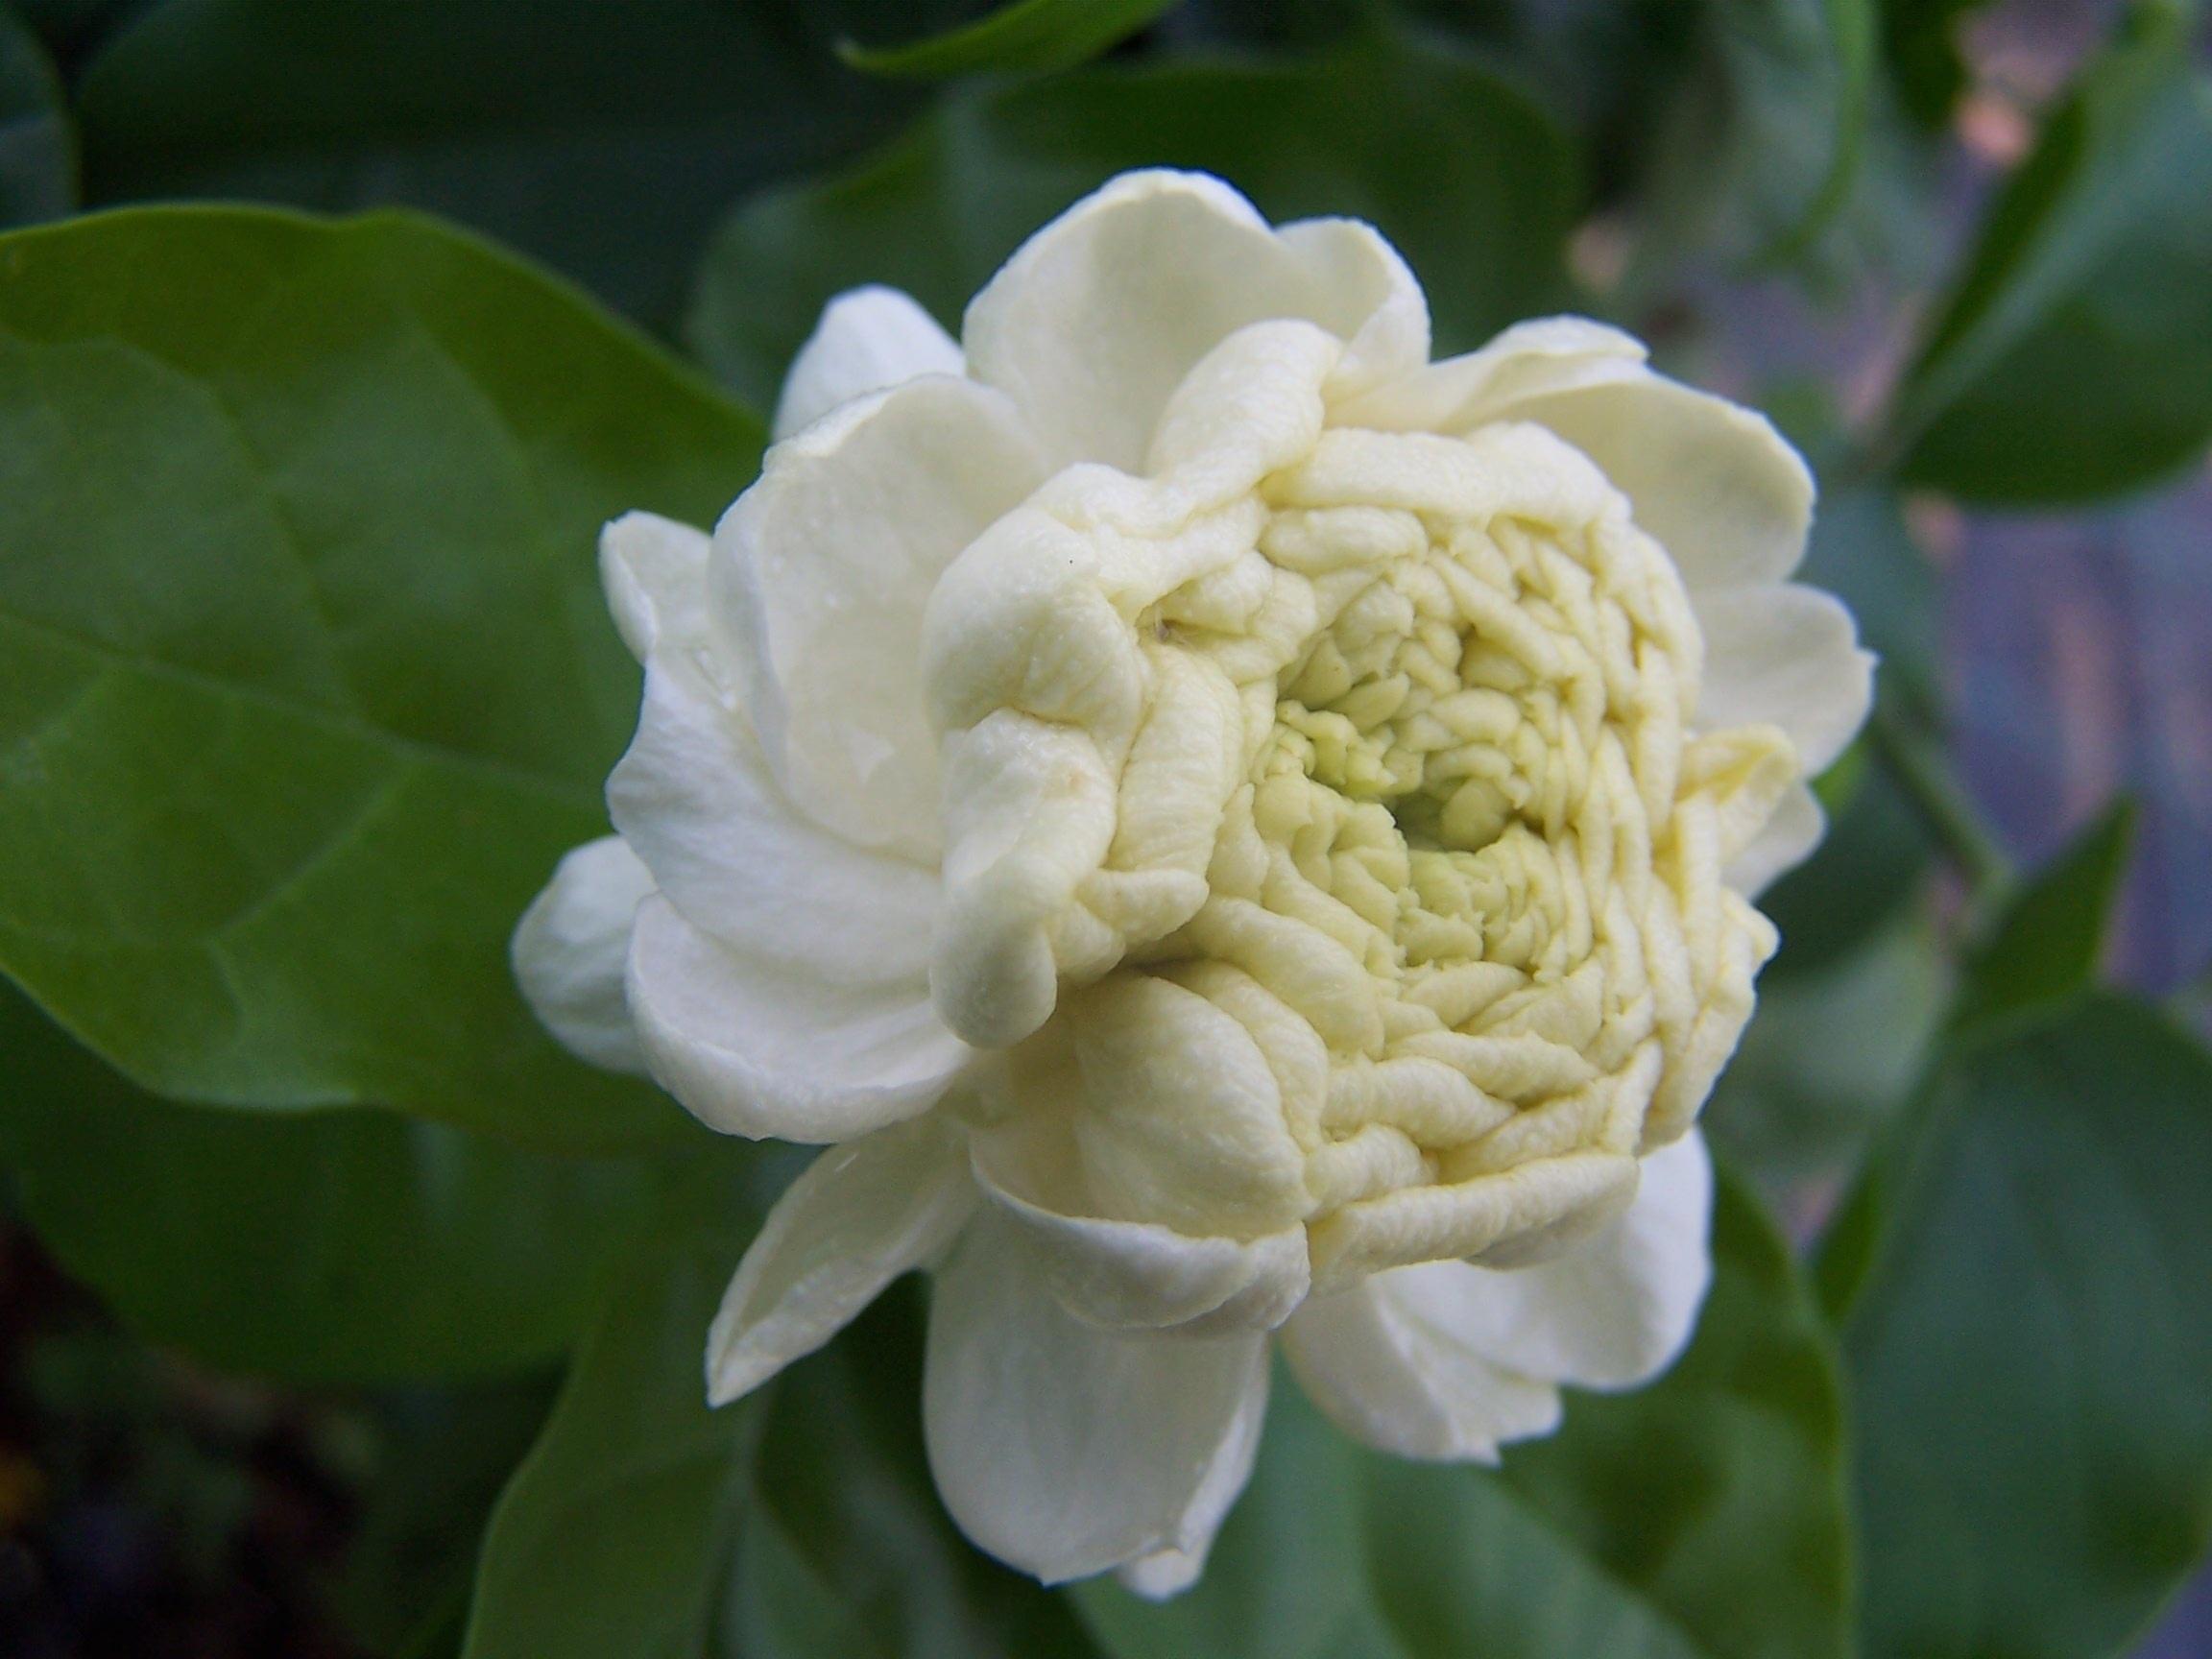 Free Images Blossom Petal Botany Flora Gardenia Macro